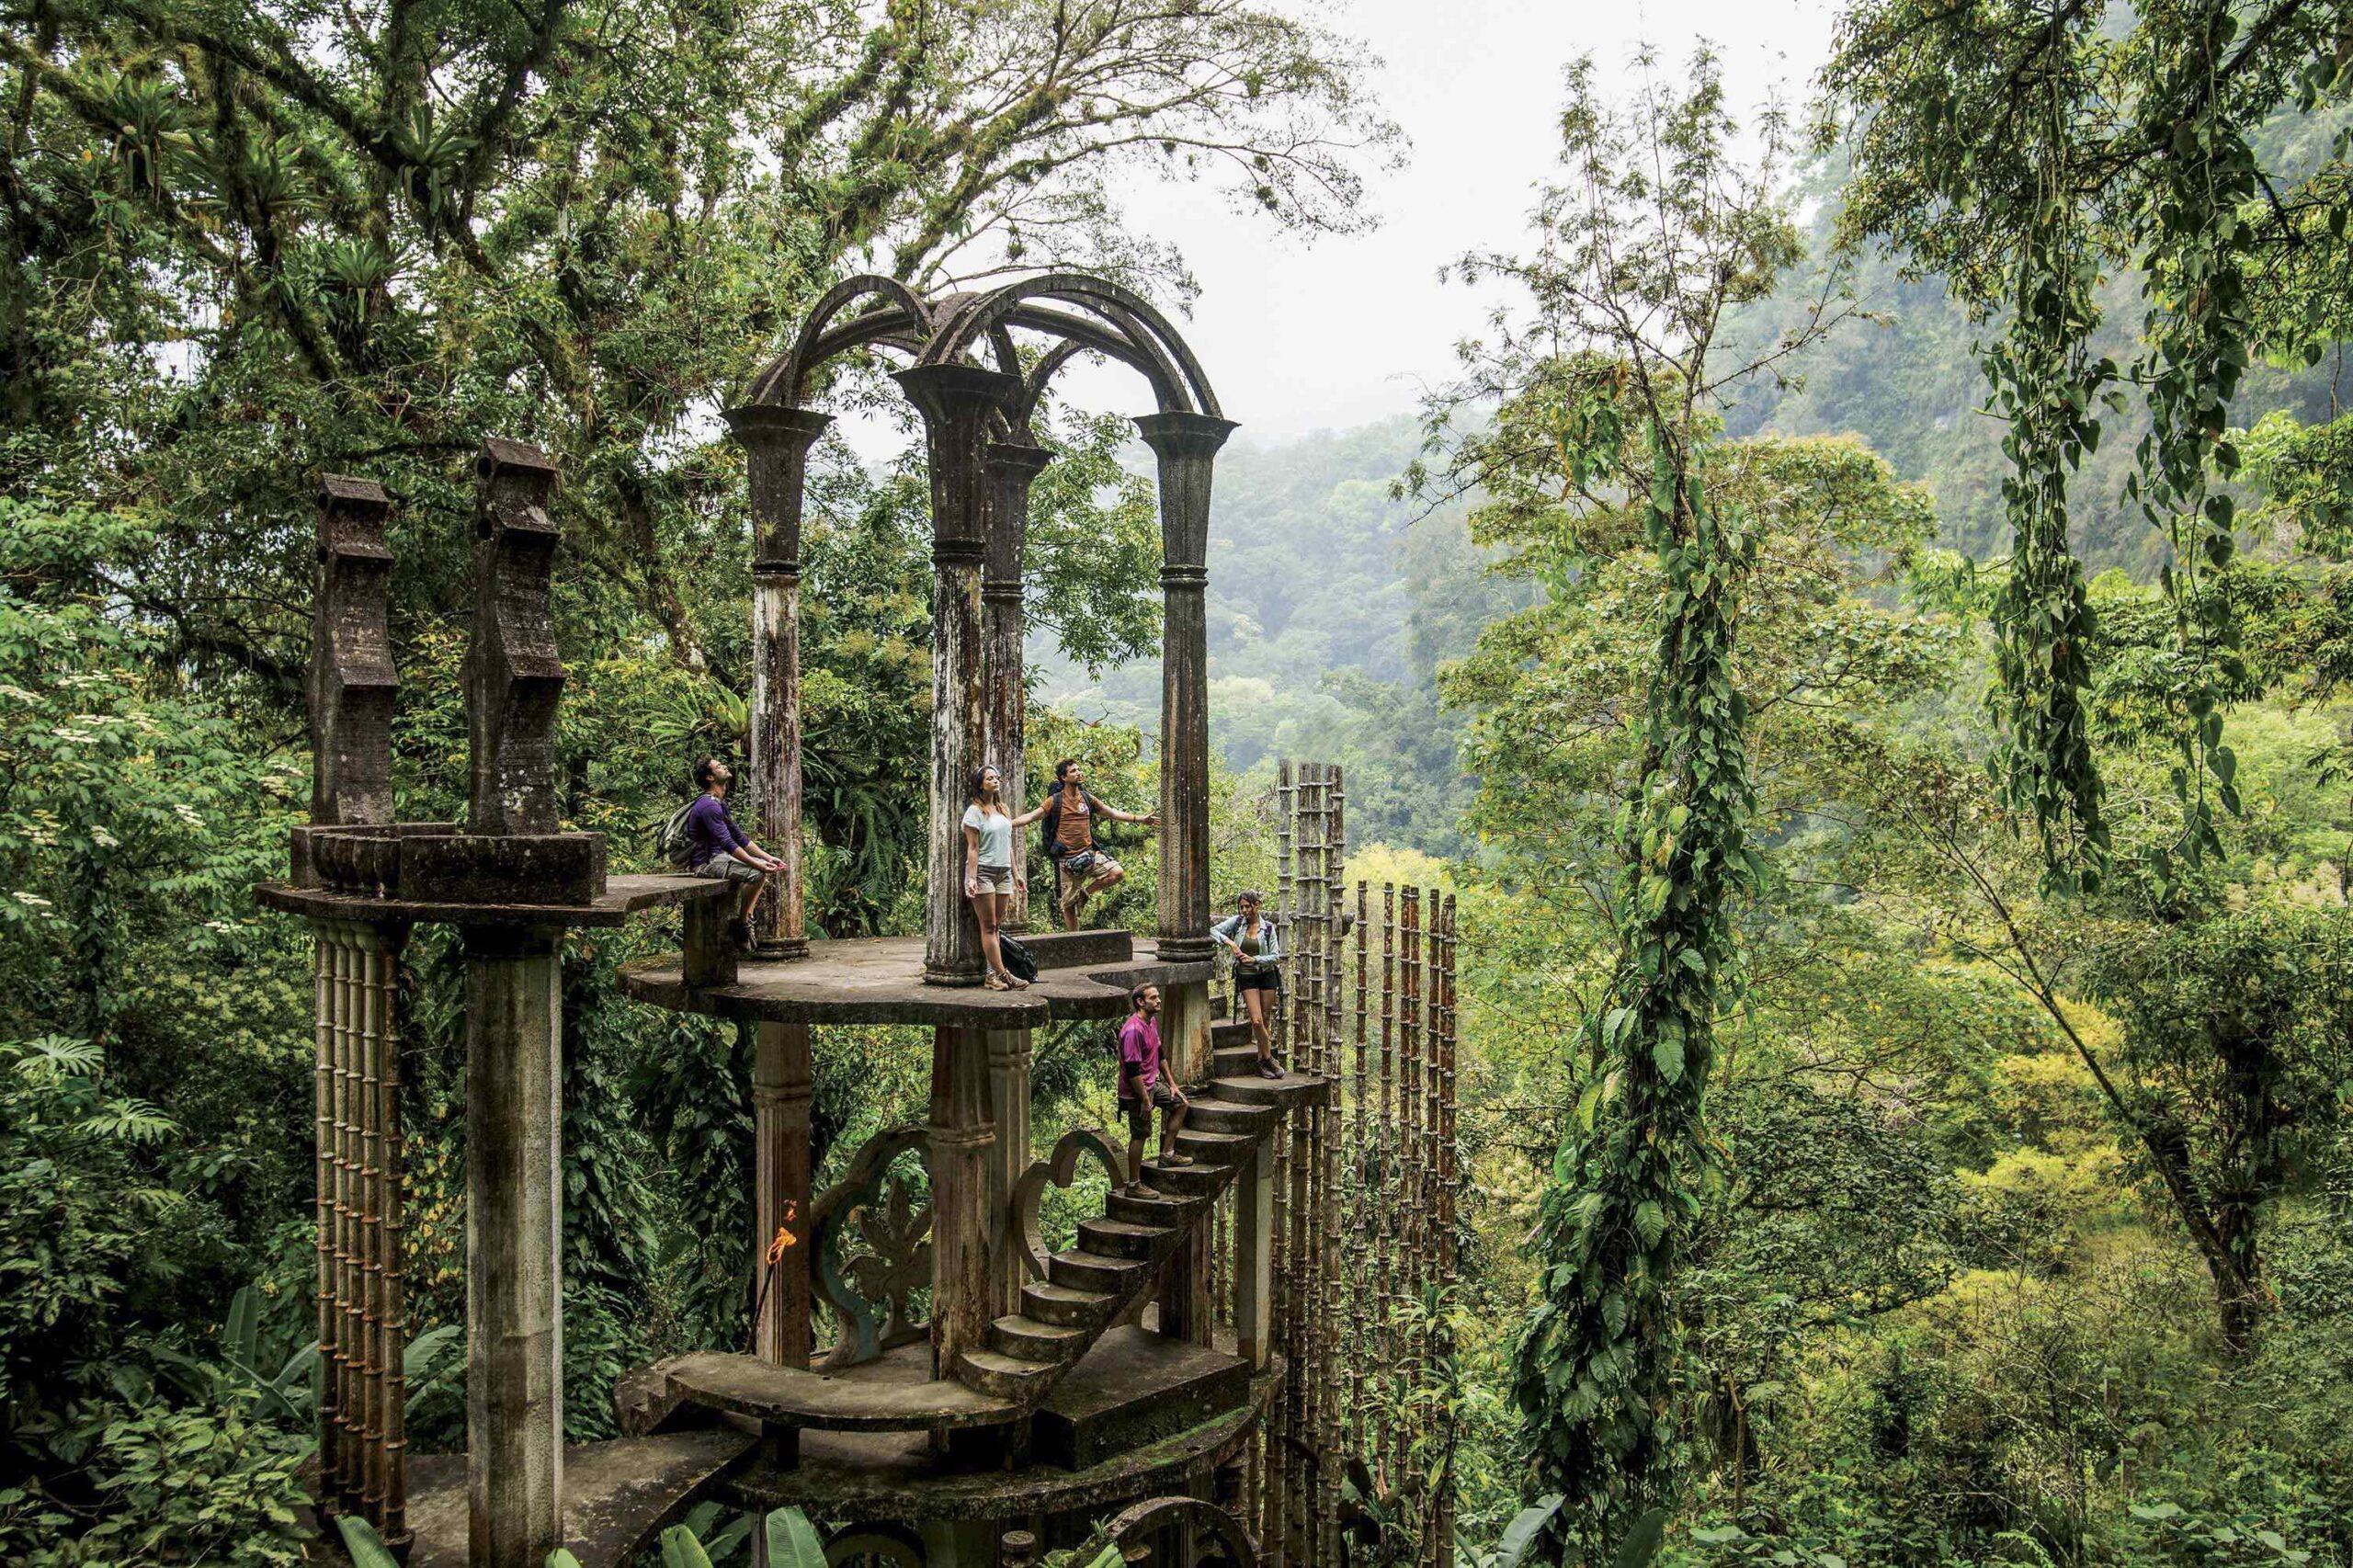 Una passeggiata tra arte e natura. Otto tra i giardini più belli al mondo